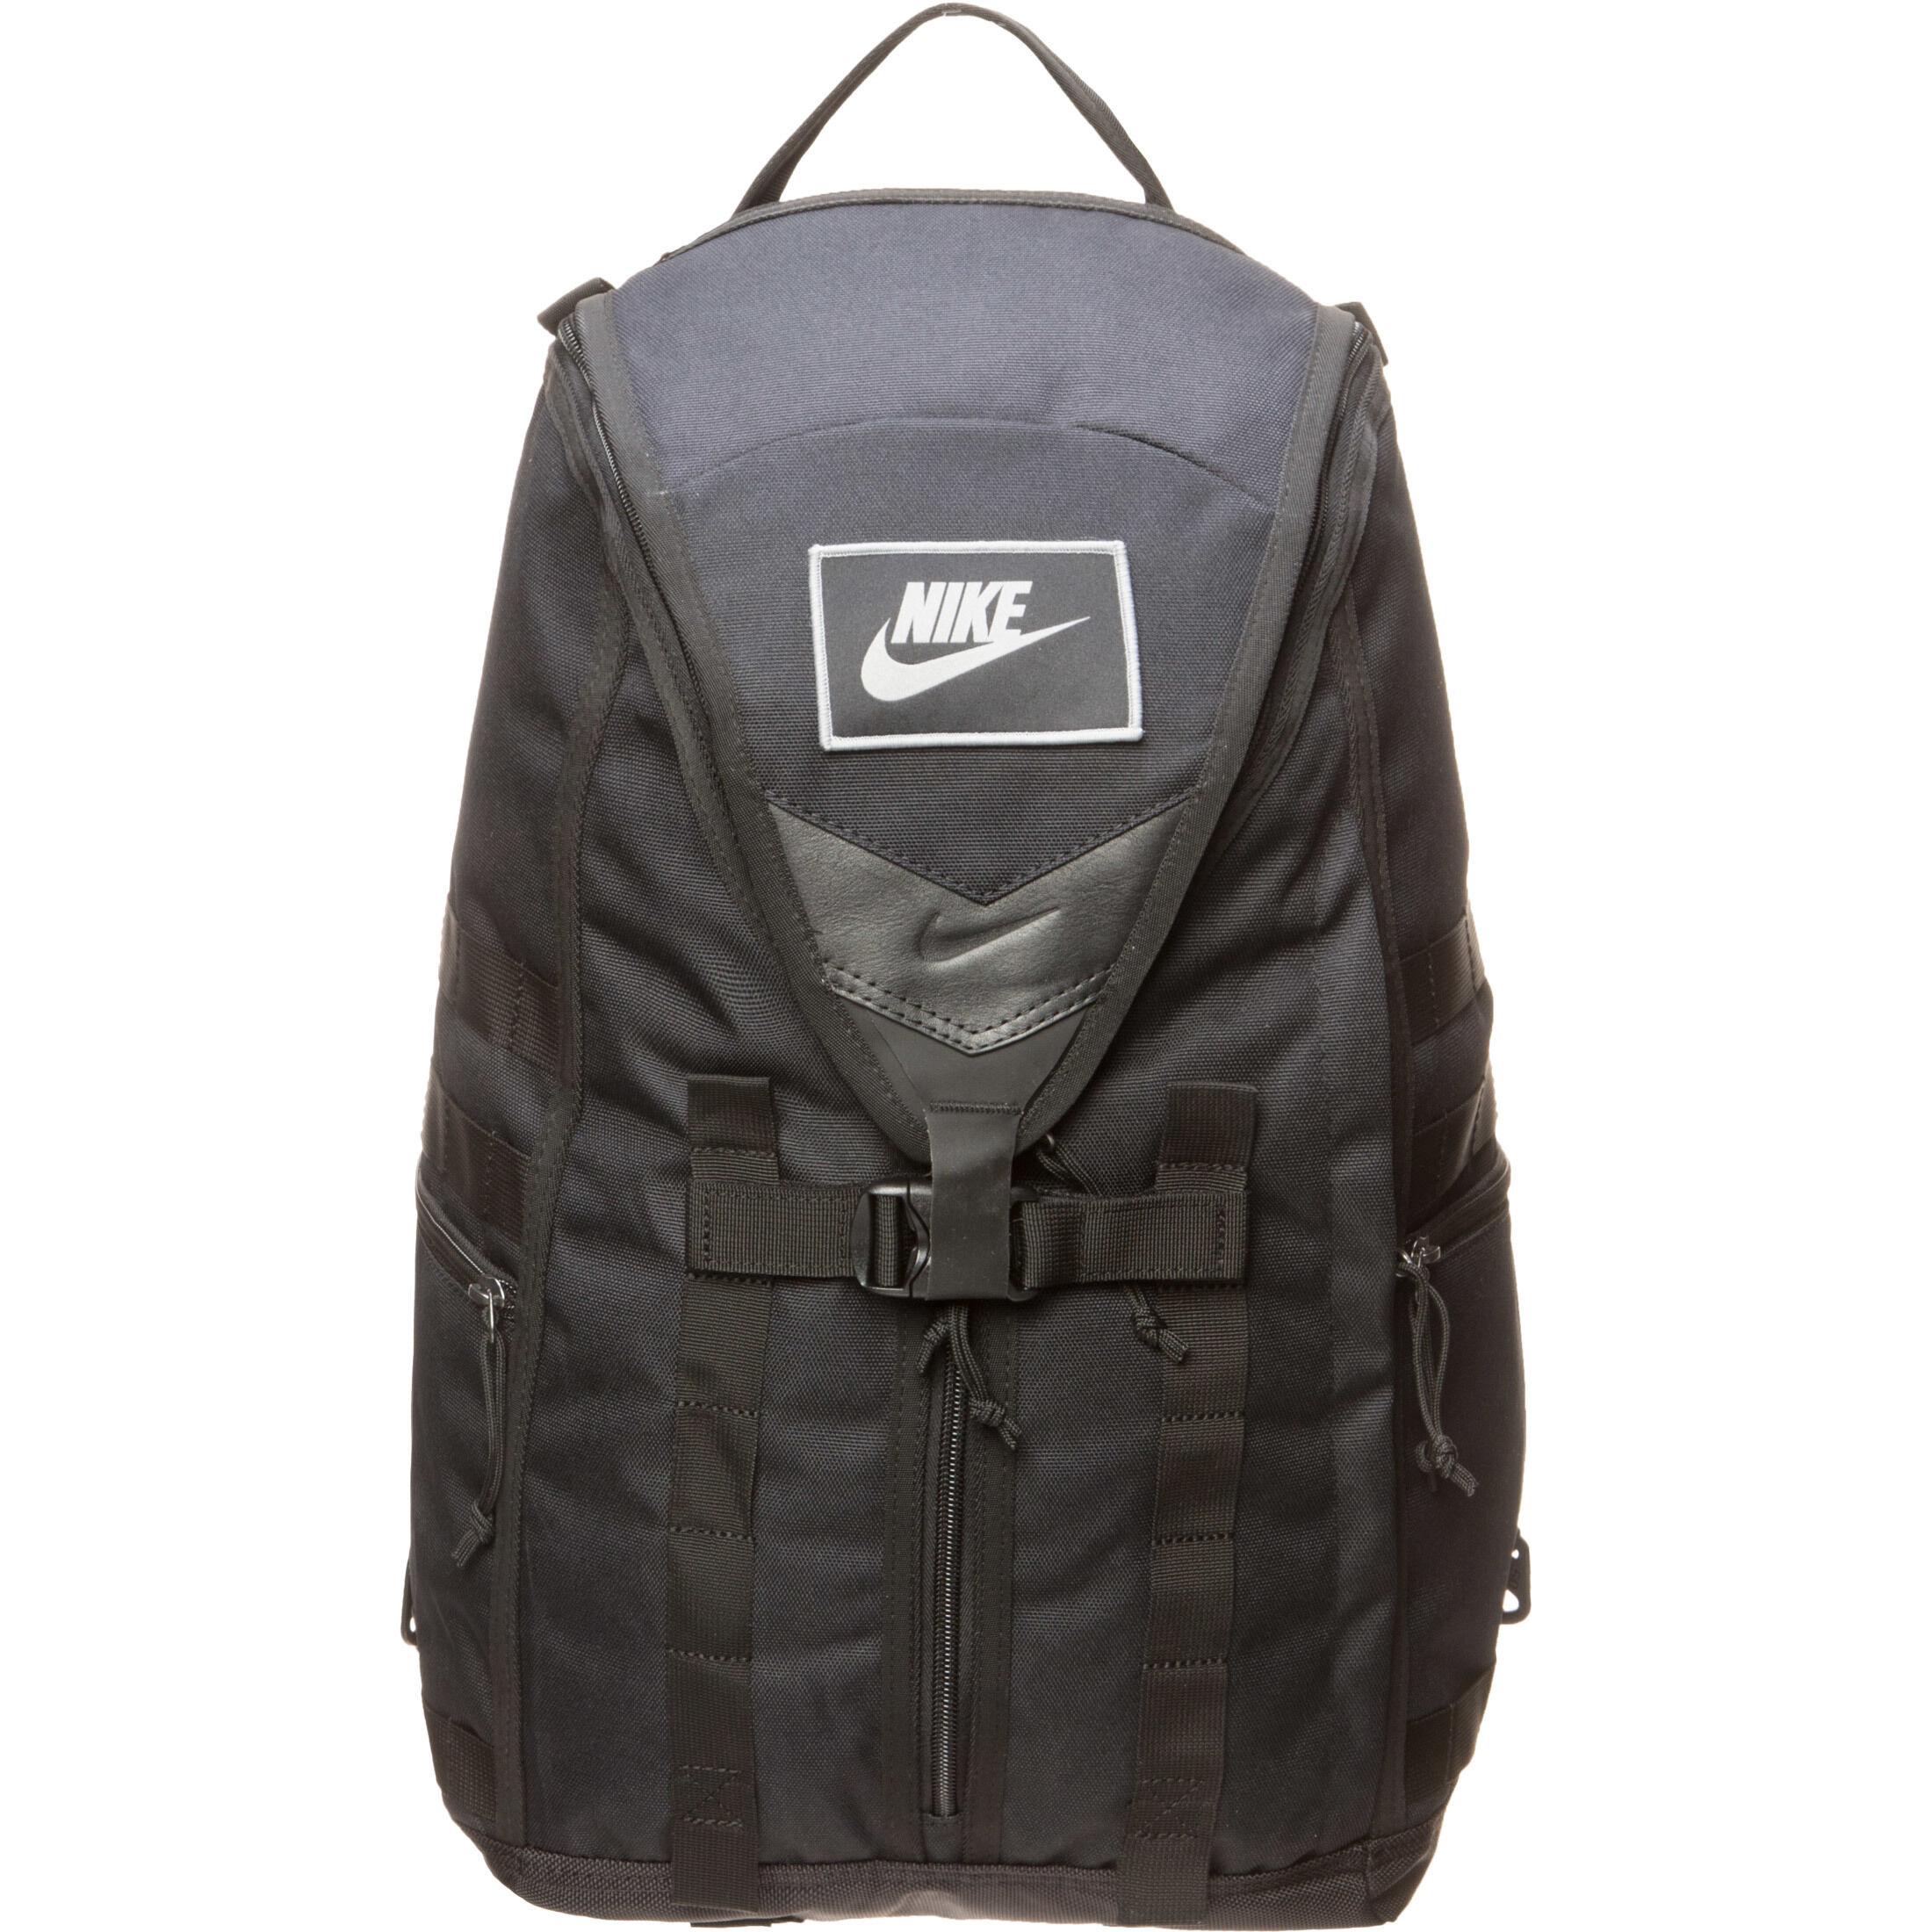 Nike Schwarz Rucksack Herren Cheyenne 3.0 Lifestyle Sale